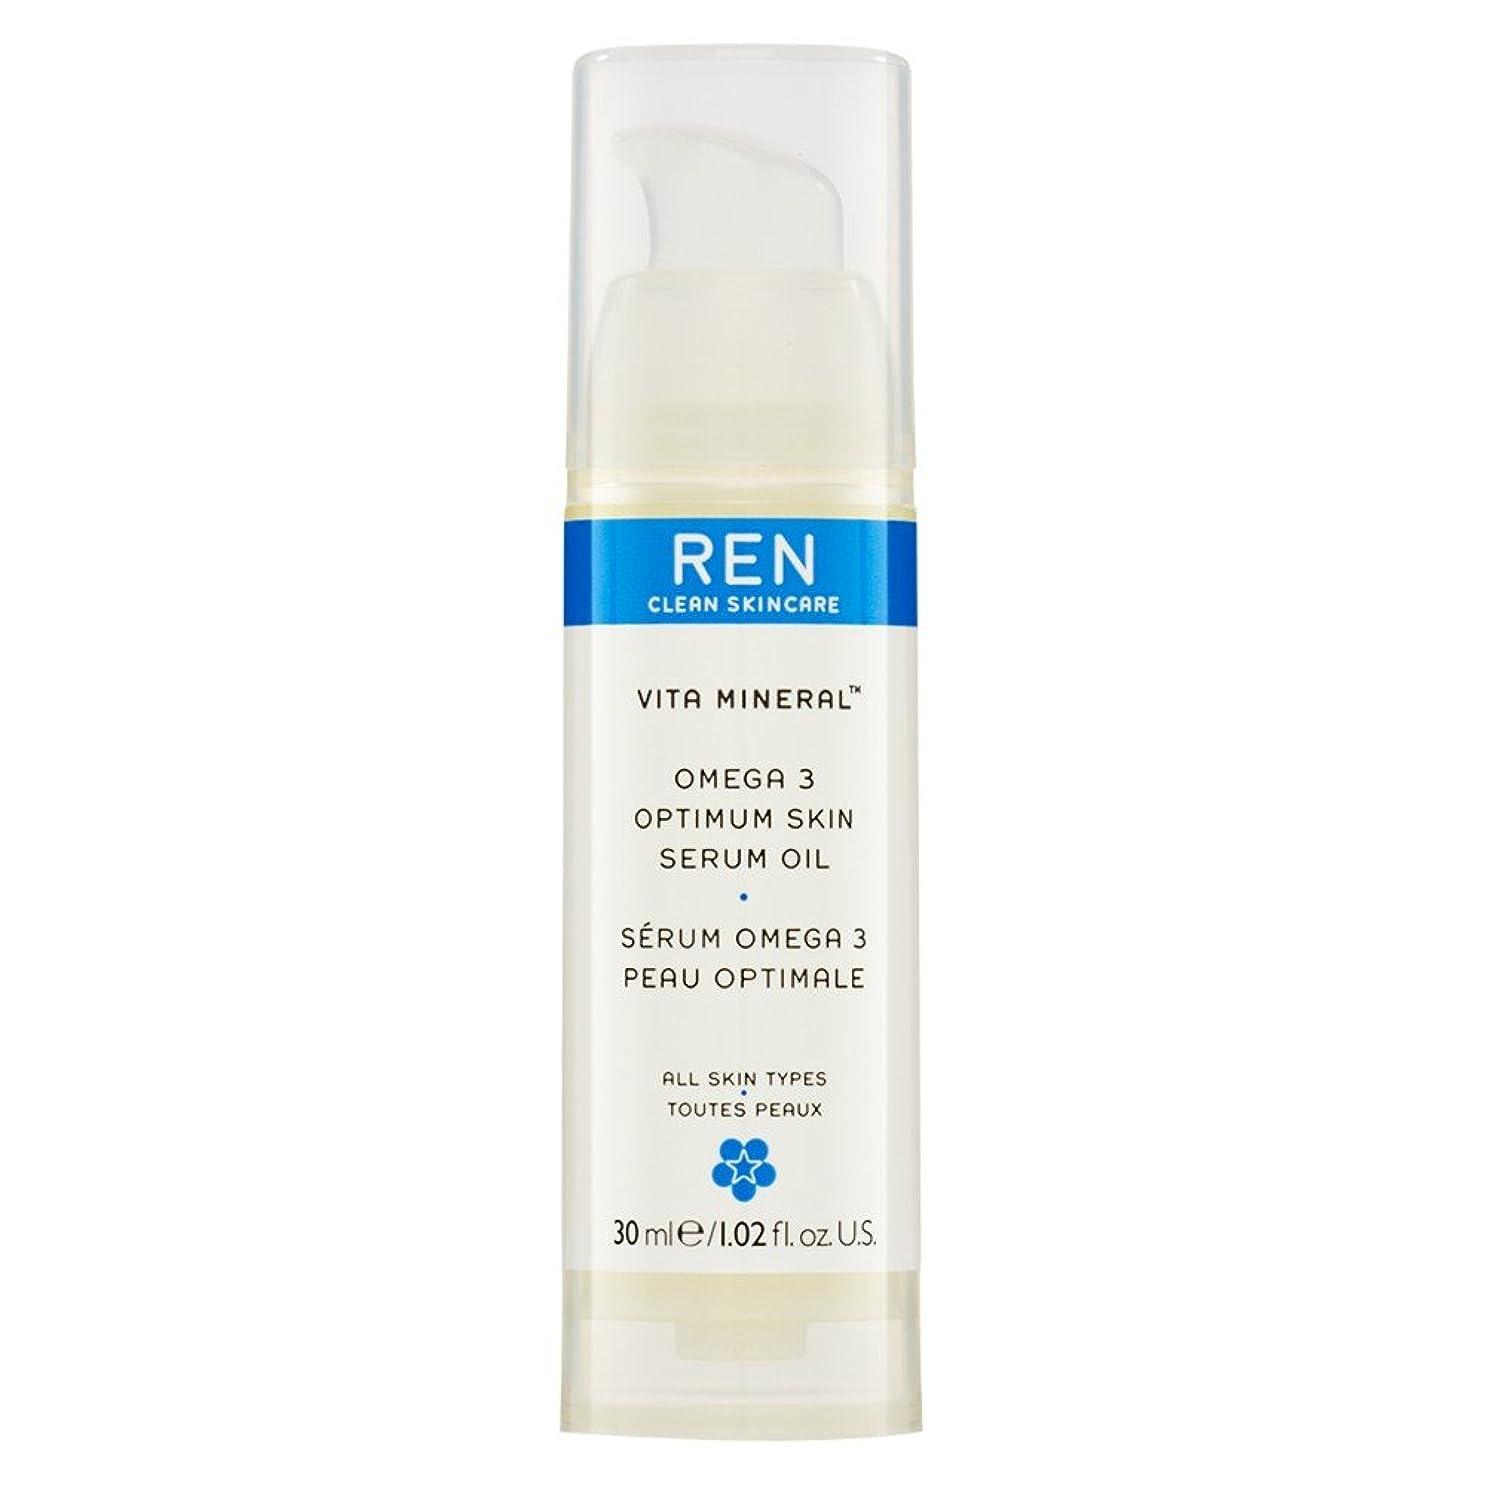 水分原告無視Renヴィータミネラル?オメガ3の最適な肌の血清オイル30ミリリットル (REN) - REN Vita Mineral? Omega 3 Optimum Skin Serum Oil 30ml [並行輸入品]